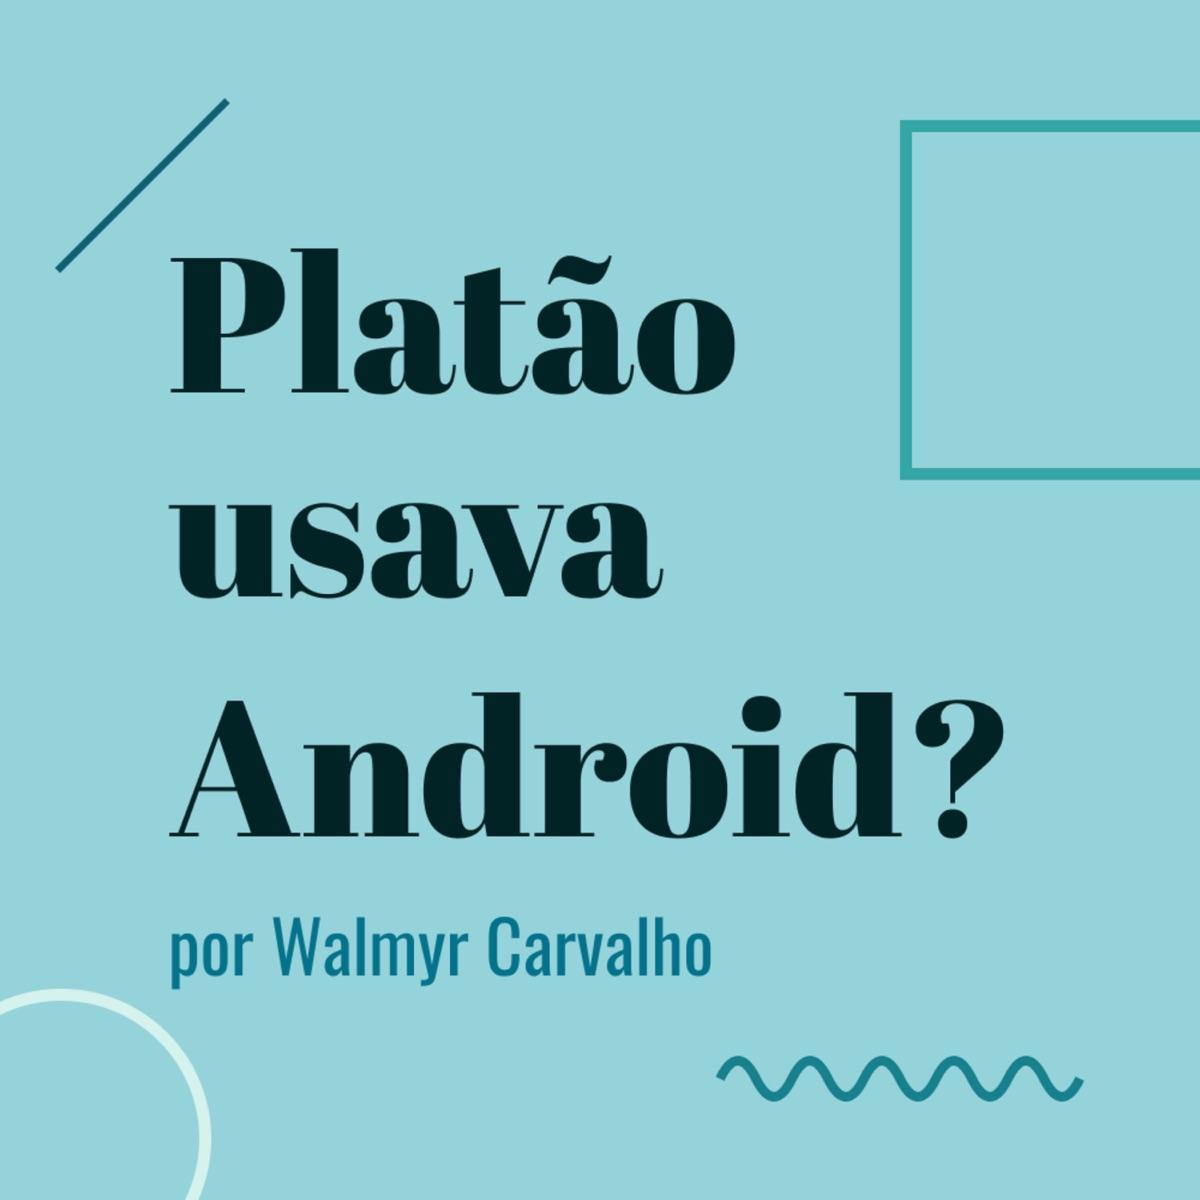 Platão usava Android?